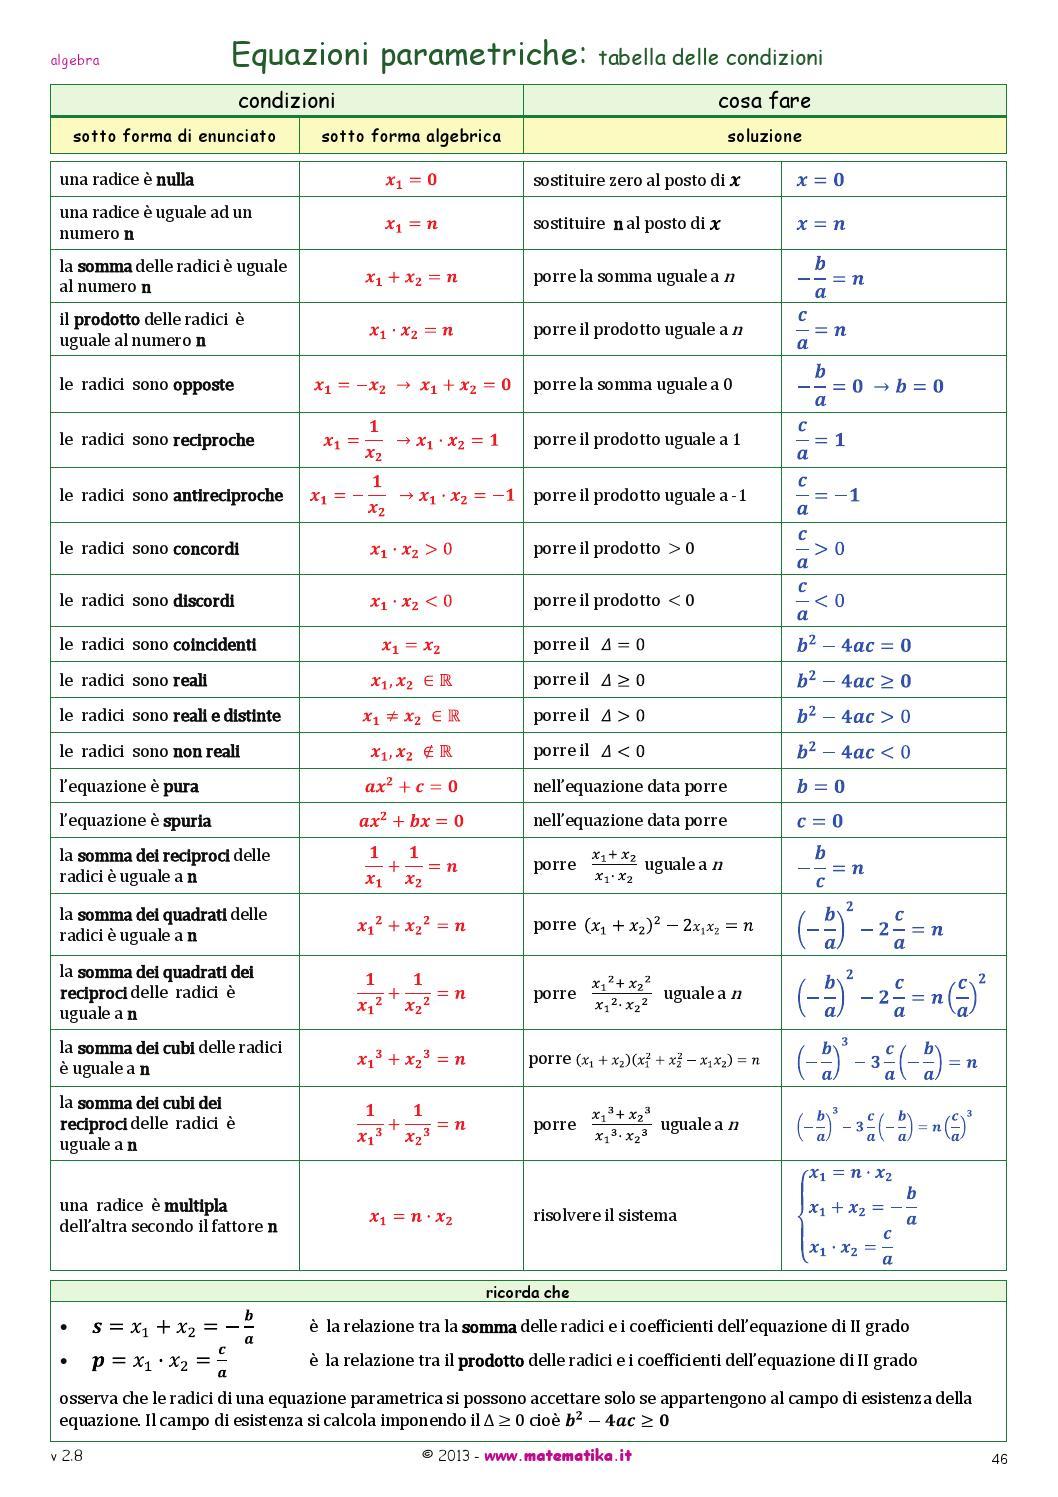 La matematika in 100 schede versione 4 0 by progetto - Tavola di tracciamento secondo grado ...